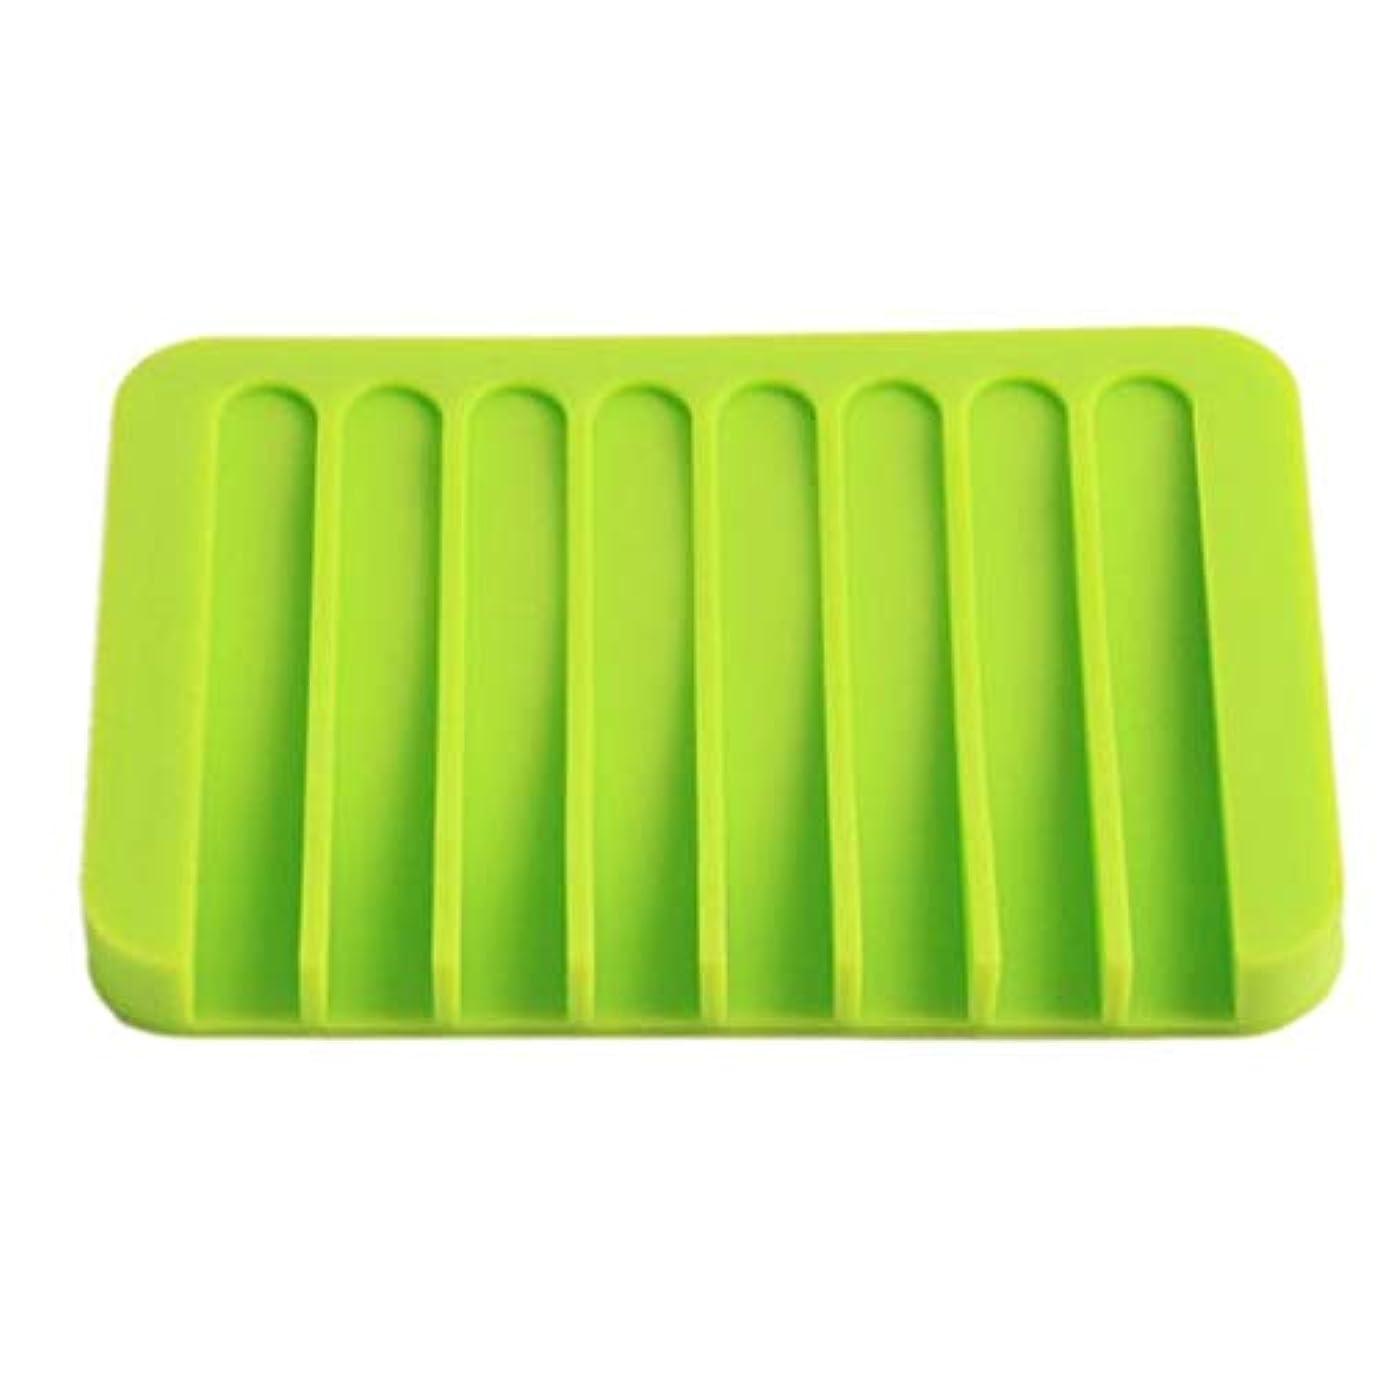 セマフォ外科医チャンピオンシップOnior プレミアム品質のシリコーン浴室柔軟な石鹸皿ソープホルダー収納ソープボックスプレートトレイ排水、グリーン